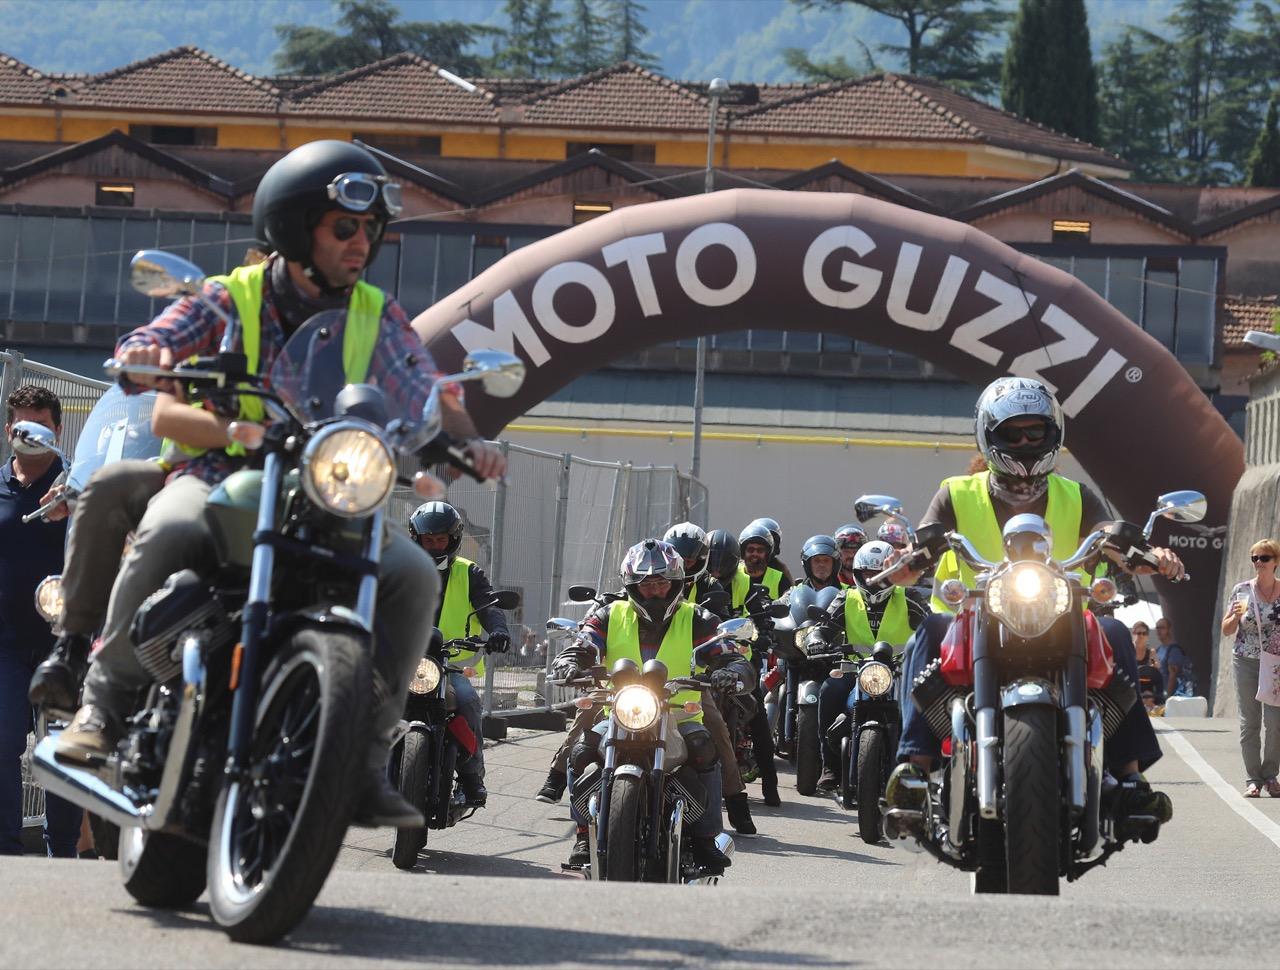 Moto Guzzi Open House - anticipazioni 2019